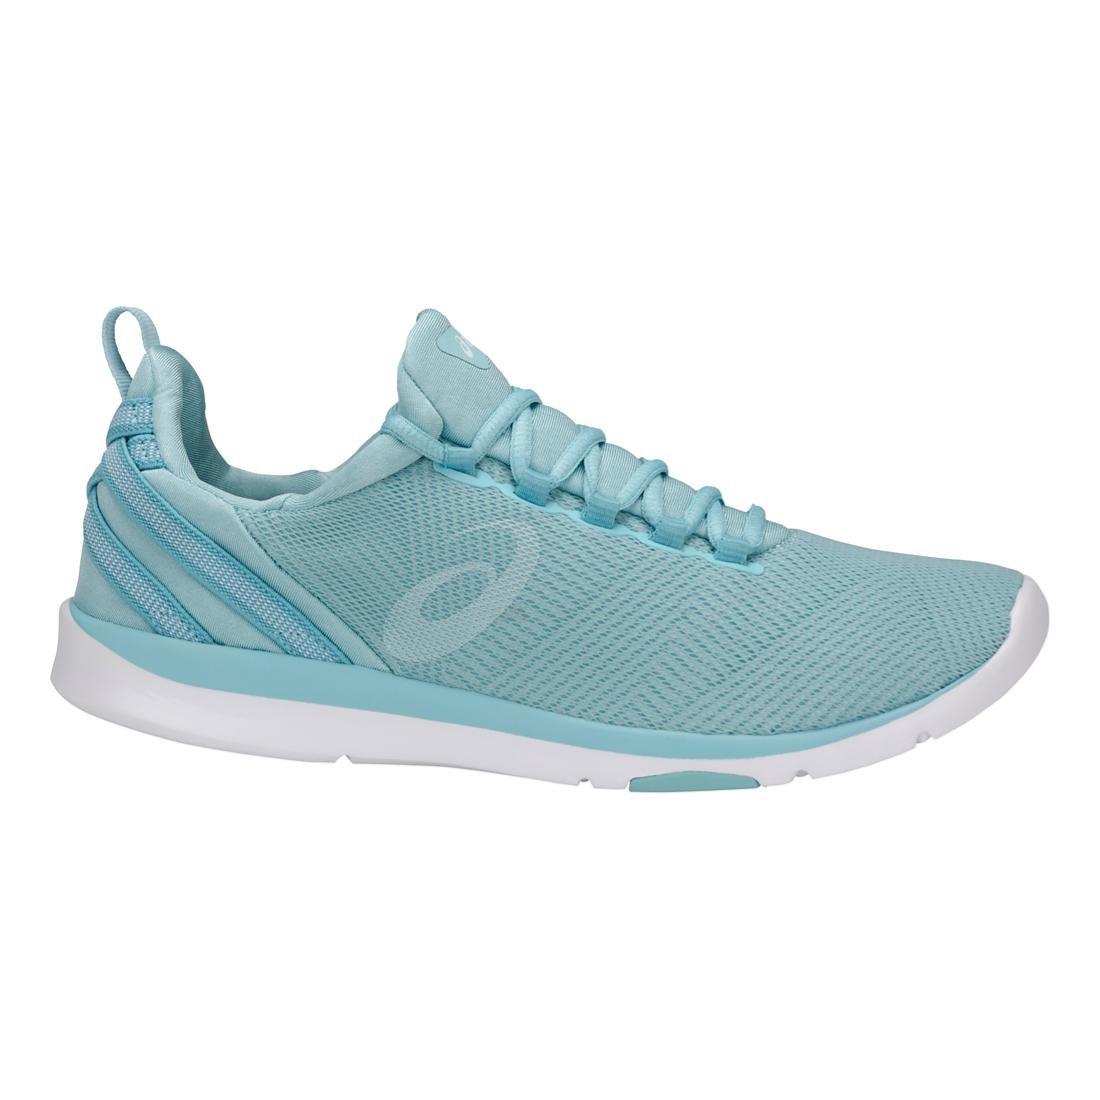 Asics Frauen Gel-Fit Sana 3 Schuhe